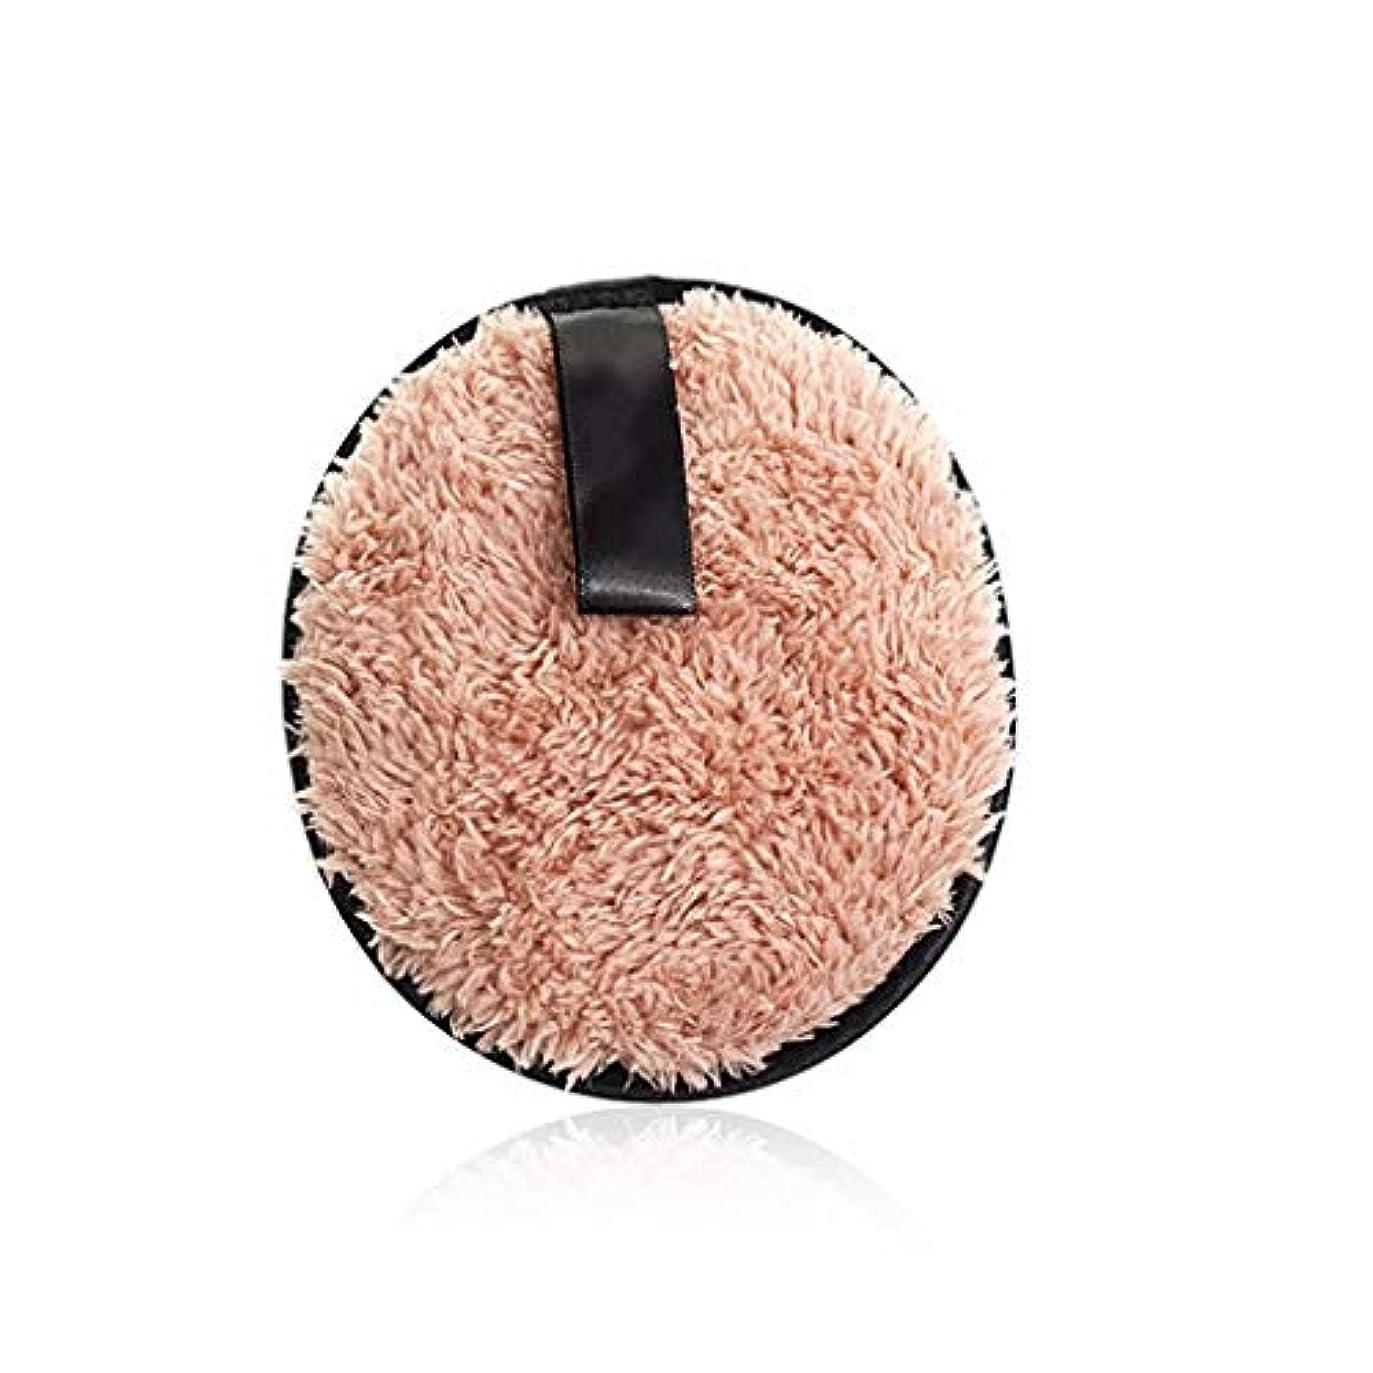 とげのある追い出すシフトフェイスメイクアップリムーバーソフトスポンジコットンメイクアップリムーバークロスパウダーパフ洗顔ワイプ再利用可能な洗えるパッド (Color : Light brown, サイズ : 4.7*4.7*0.7inch)